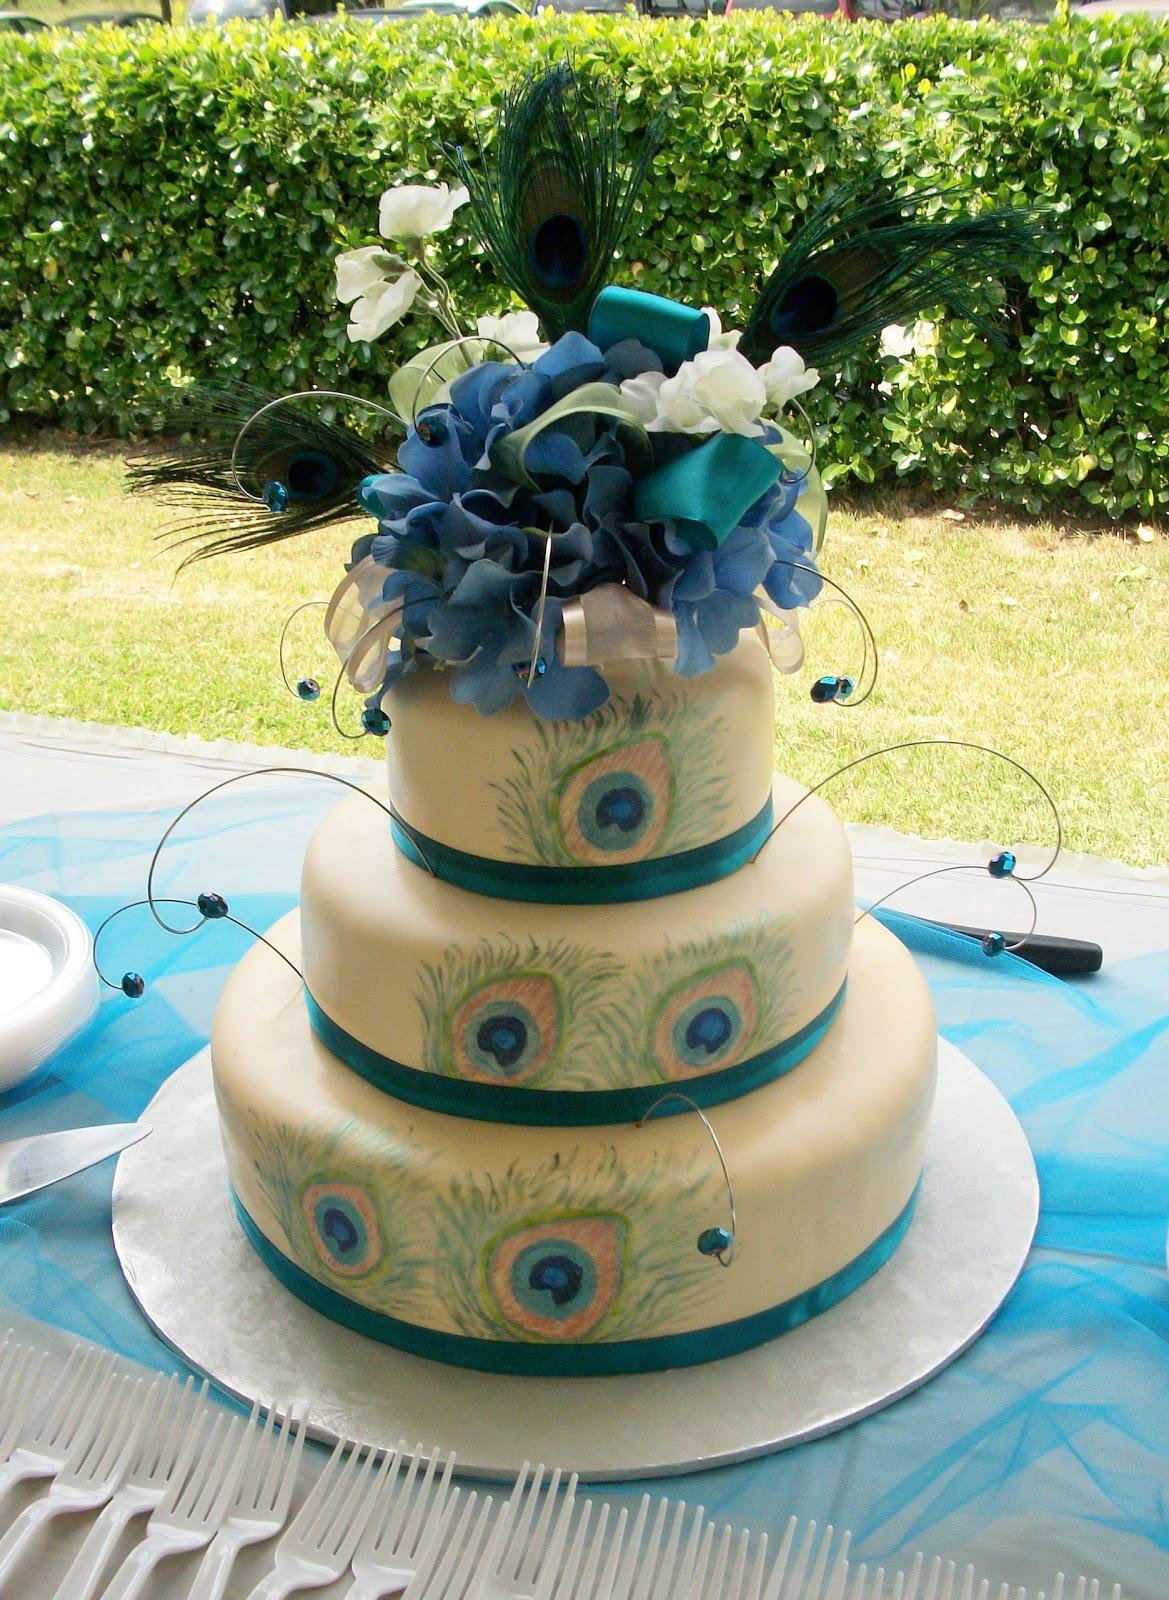 Delicious peacock wedding cakes especial